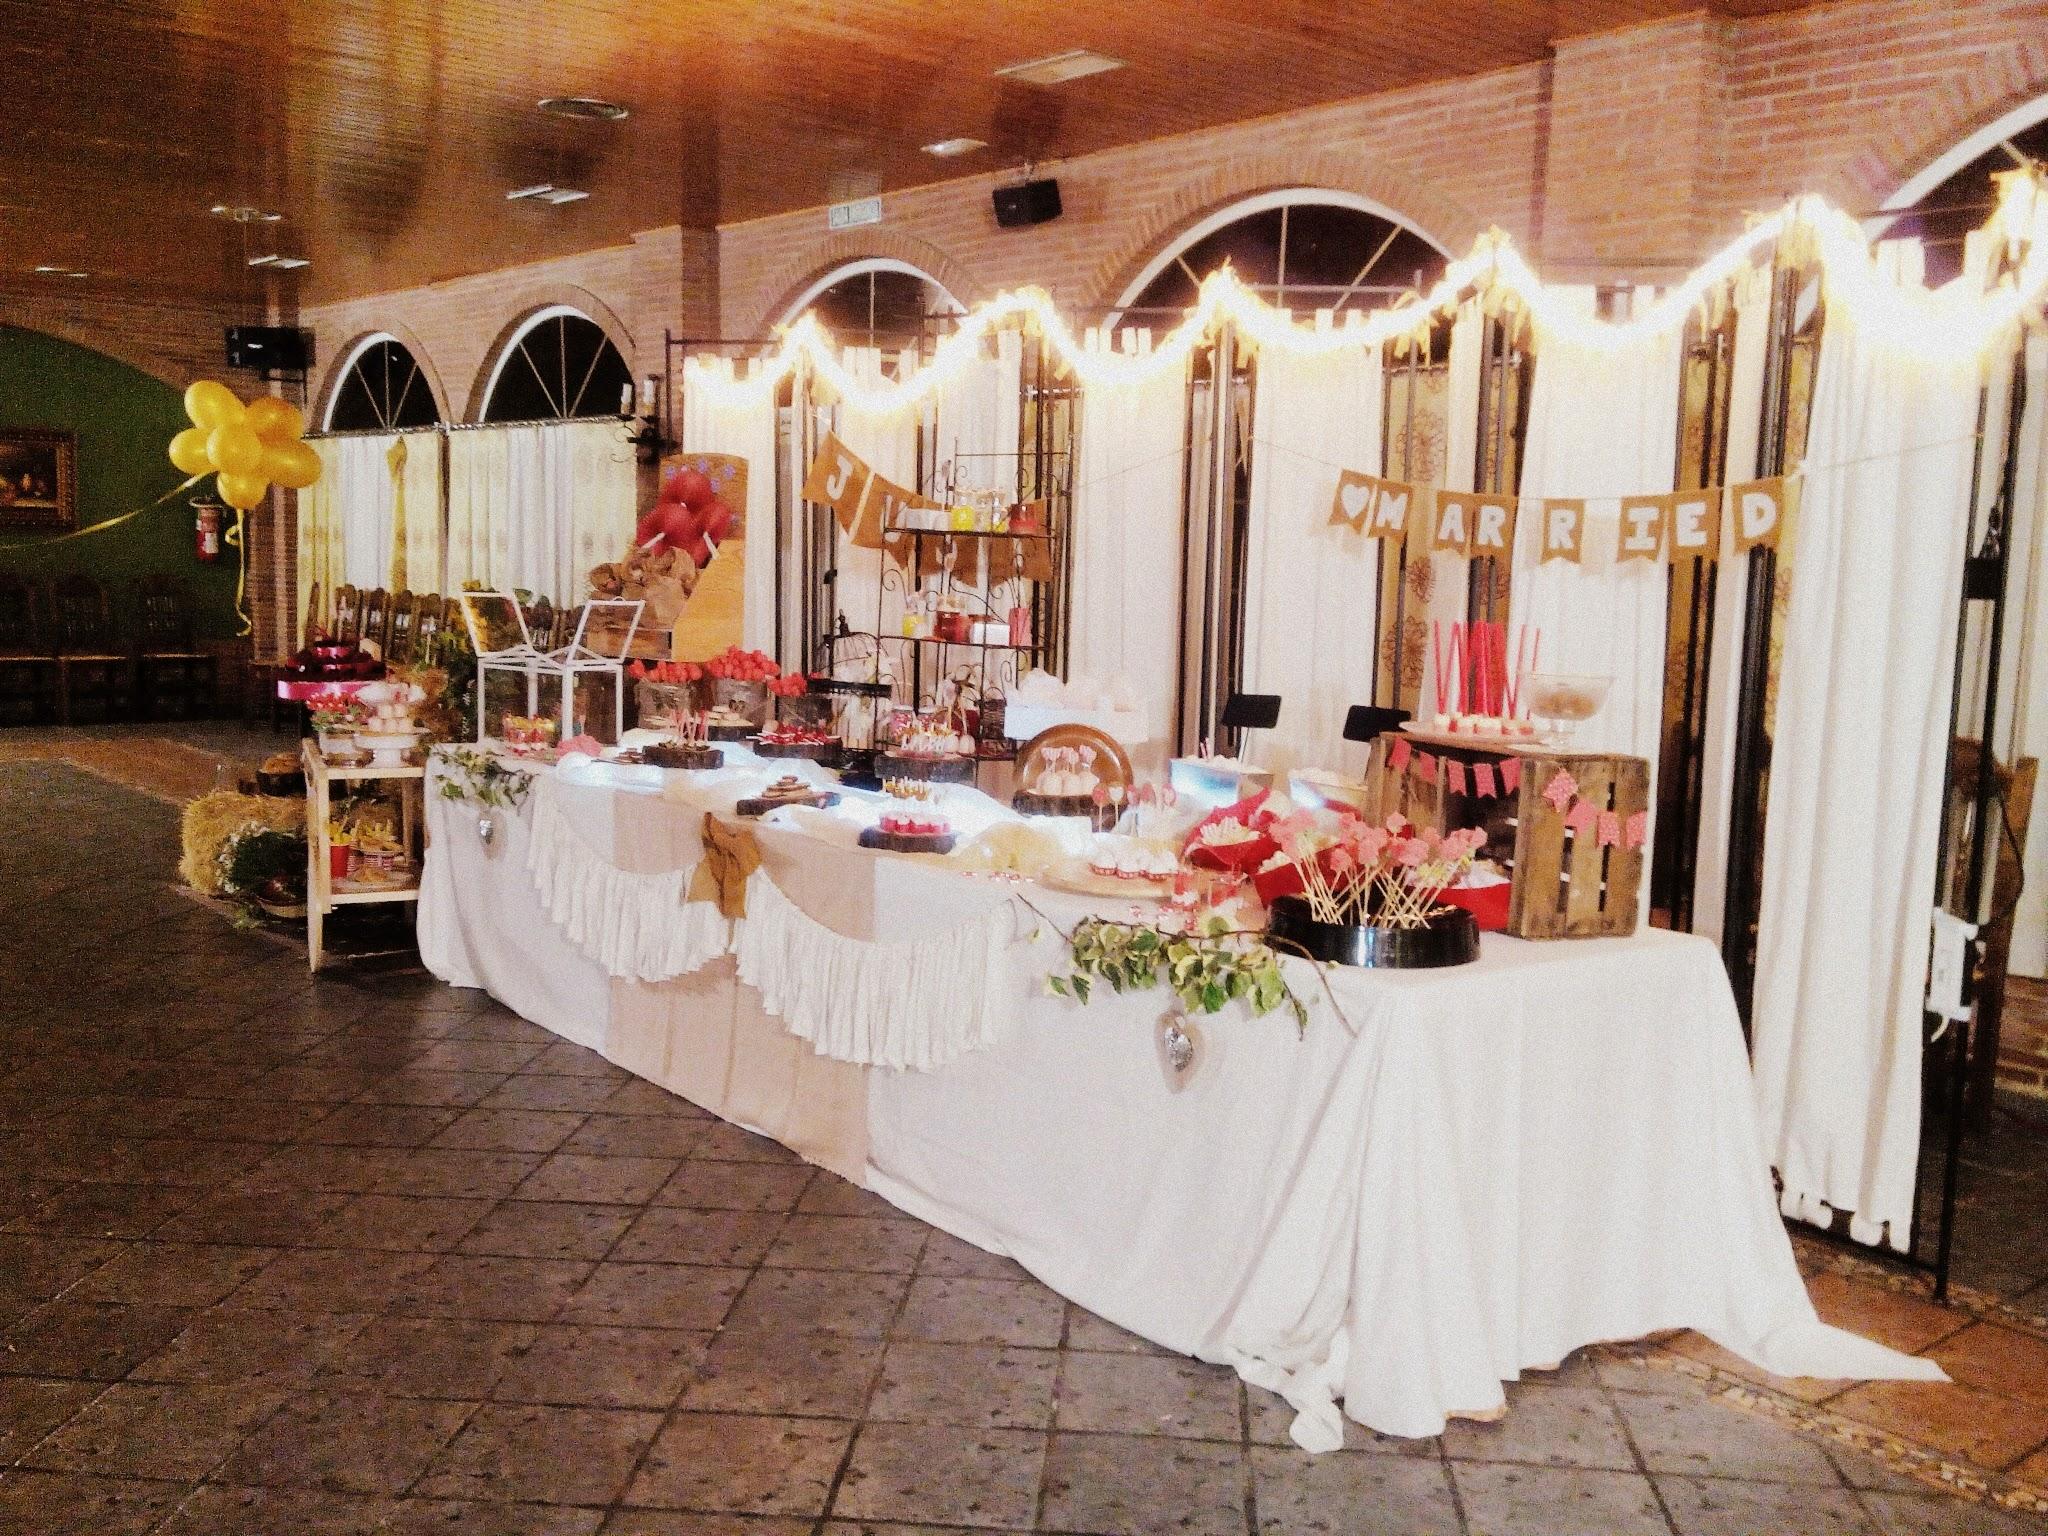 Matrimonio Estilo Rústico : Lamasdulcecandybar boda estilo rÚstico y romÁntico